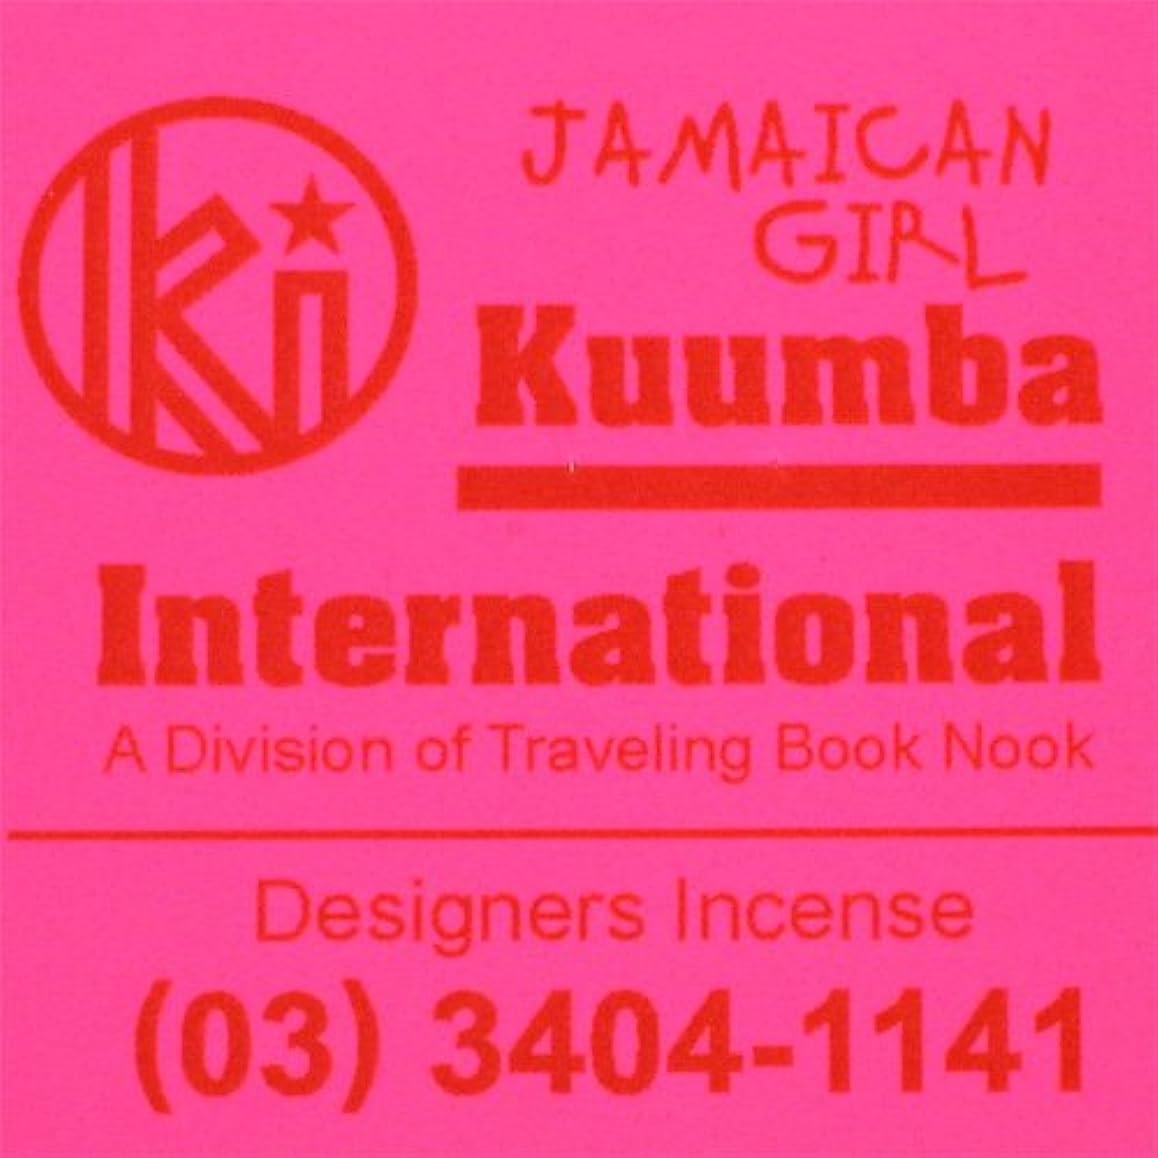 研究残高アクセントKUUMBA / クンバ『incense』(JAMAICAN GIRL) (Regular size)